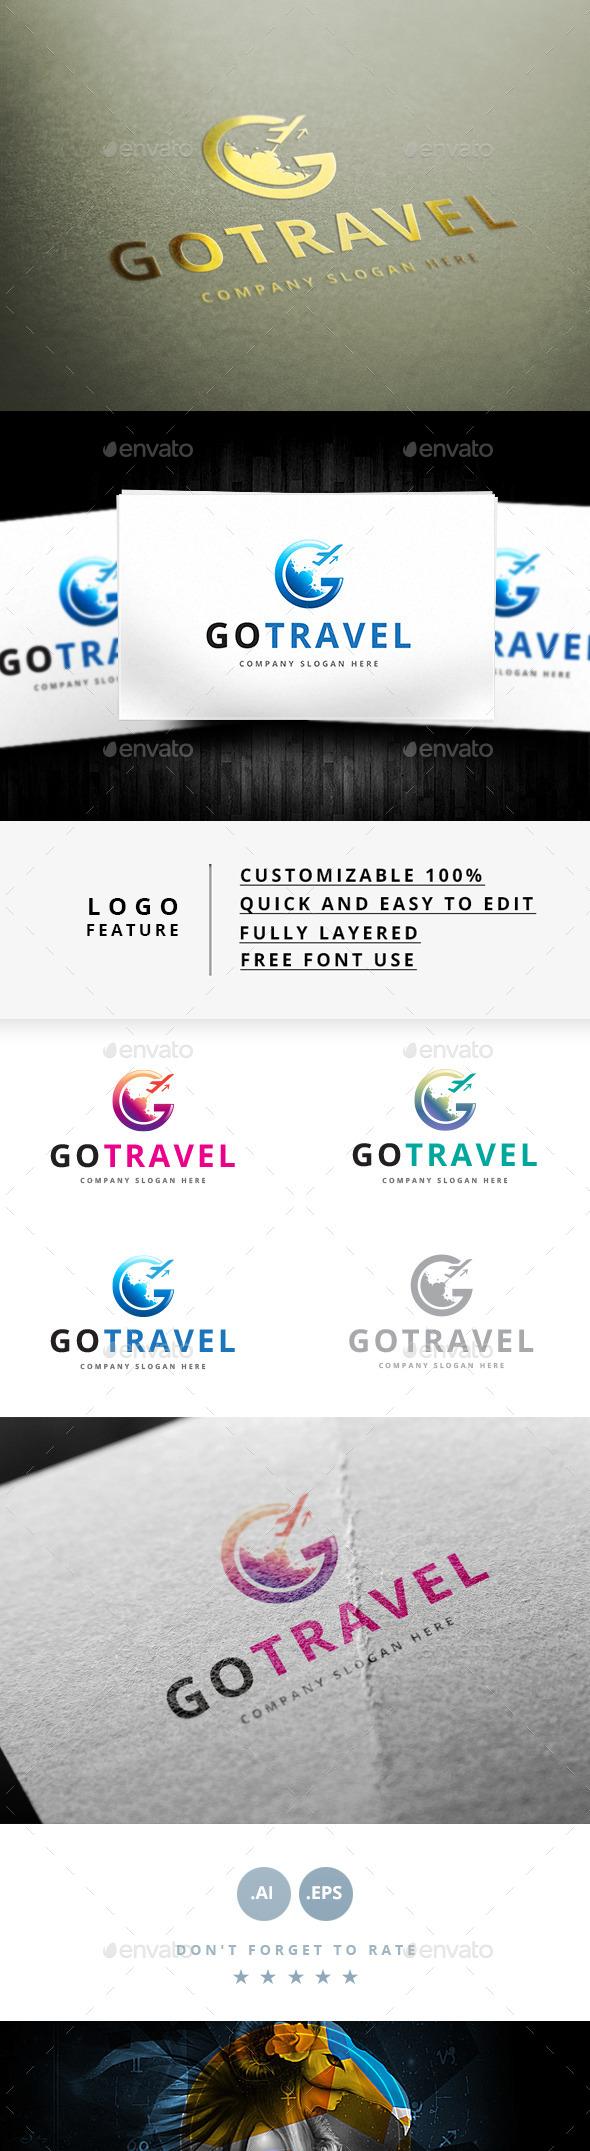 Go Travel V.2 - Logo Templates